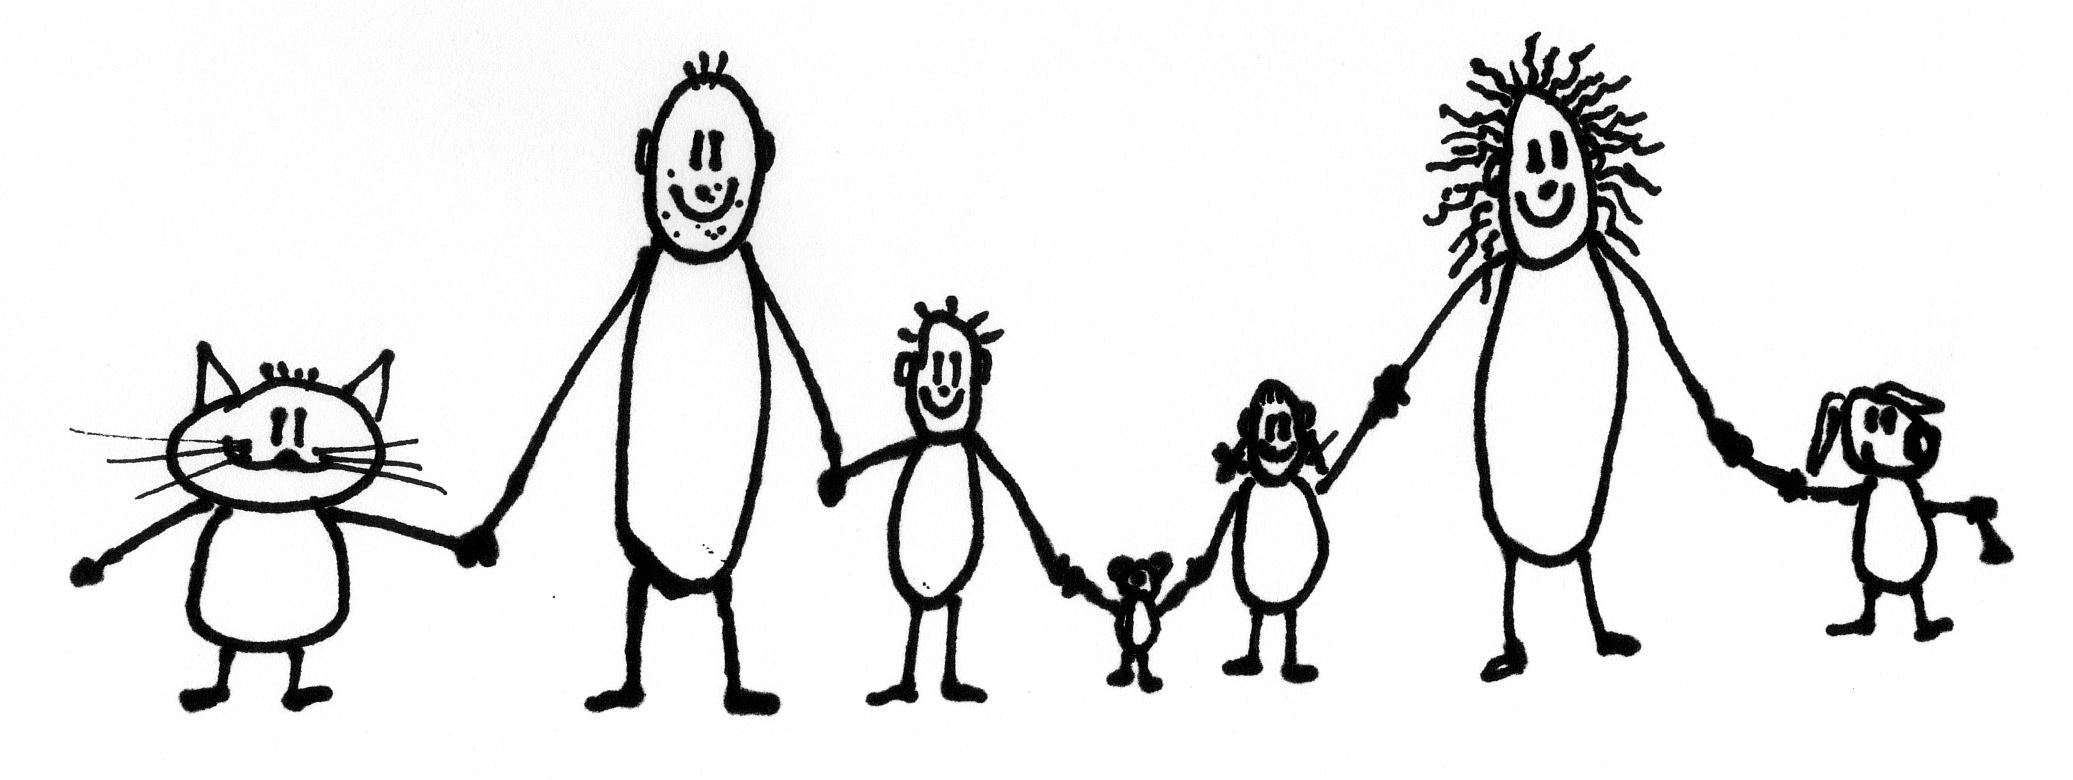 Zeichnung Aufstellung Familie Tiere